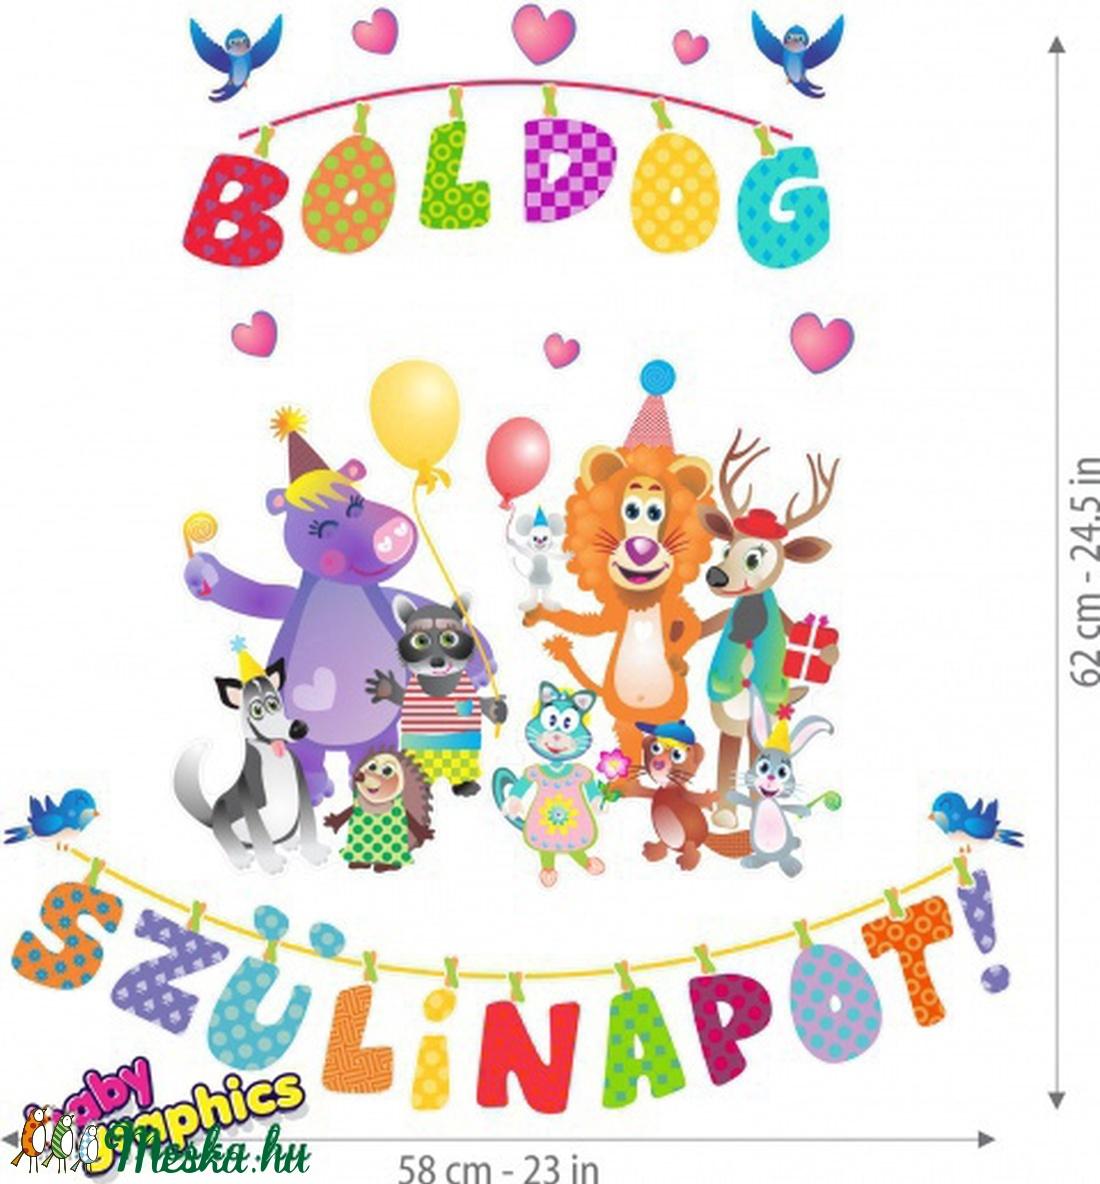 boldog szülinapot gyerekeknek Boldog szülinapot! áthelyezhető falmatrica szett (babygraphics  boldog szülinapot gyerekeknek